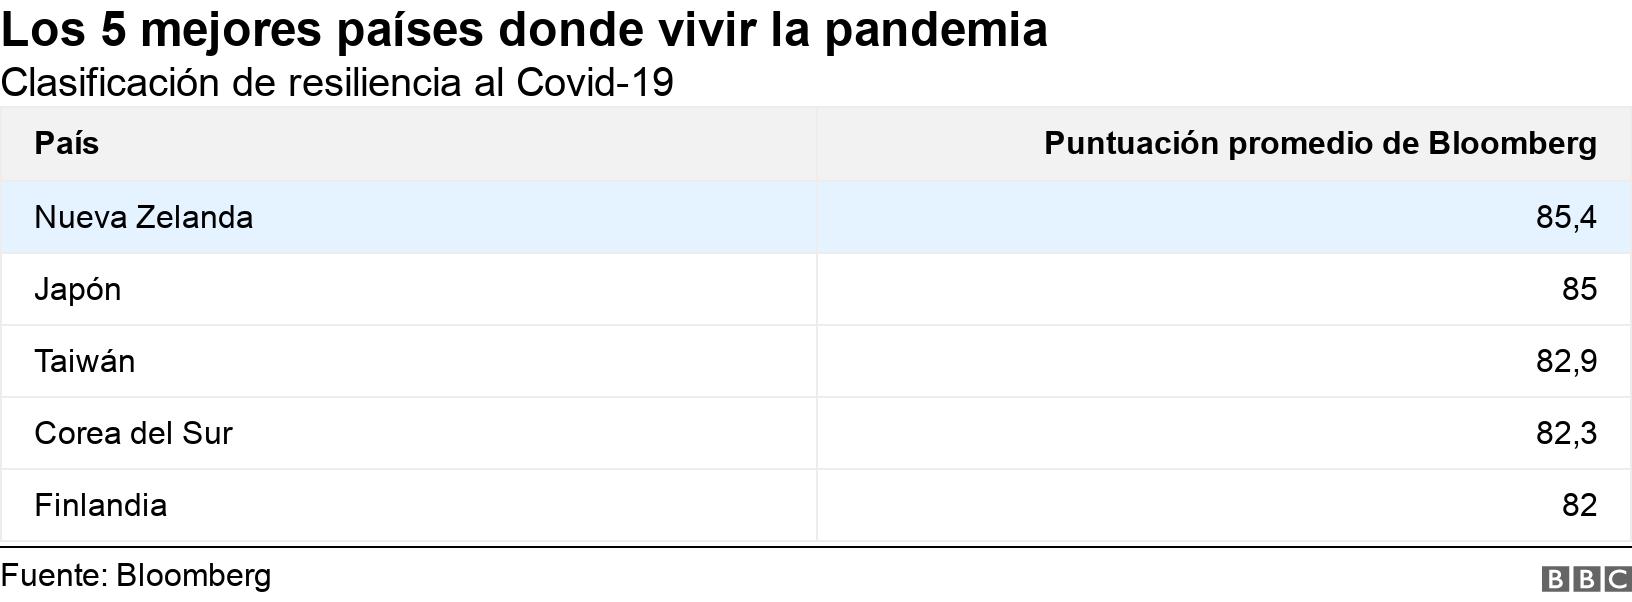 Los 5 mejores países donde vivir la pandemia . Clasificación de resiliencia al Covid-19. .